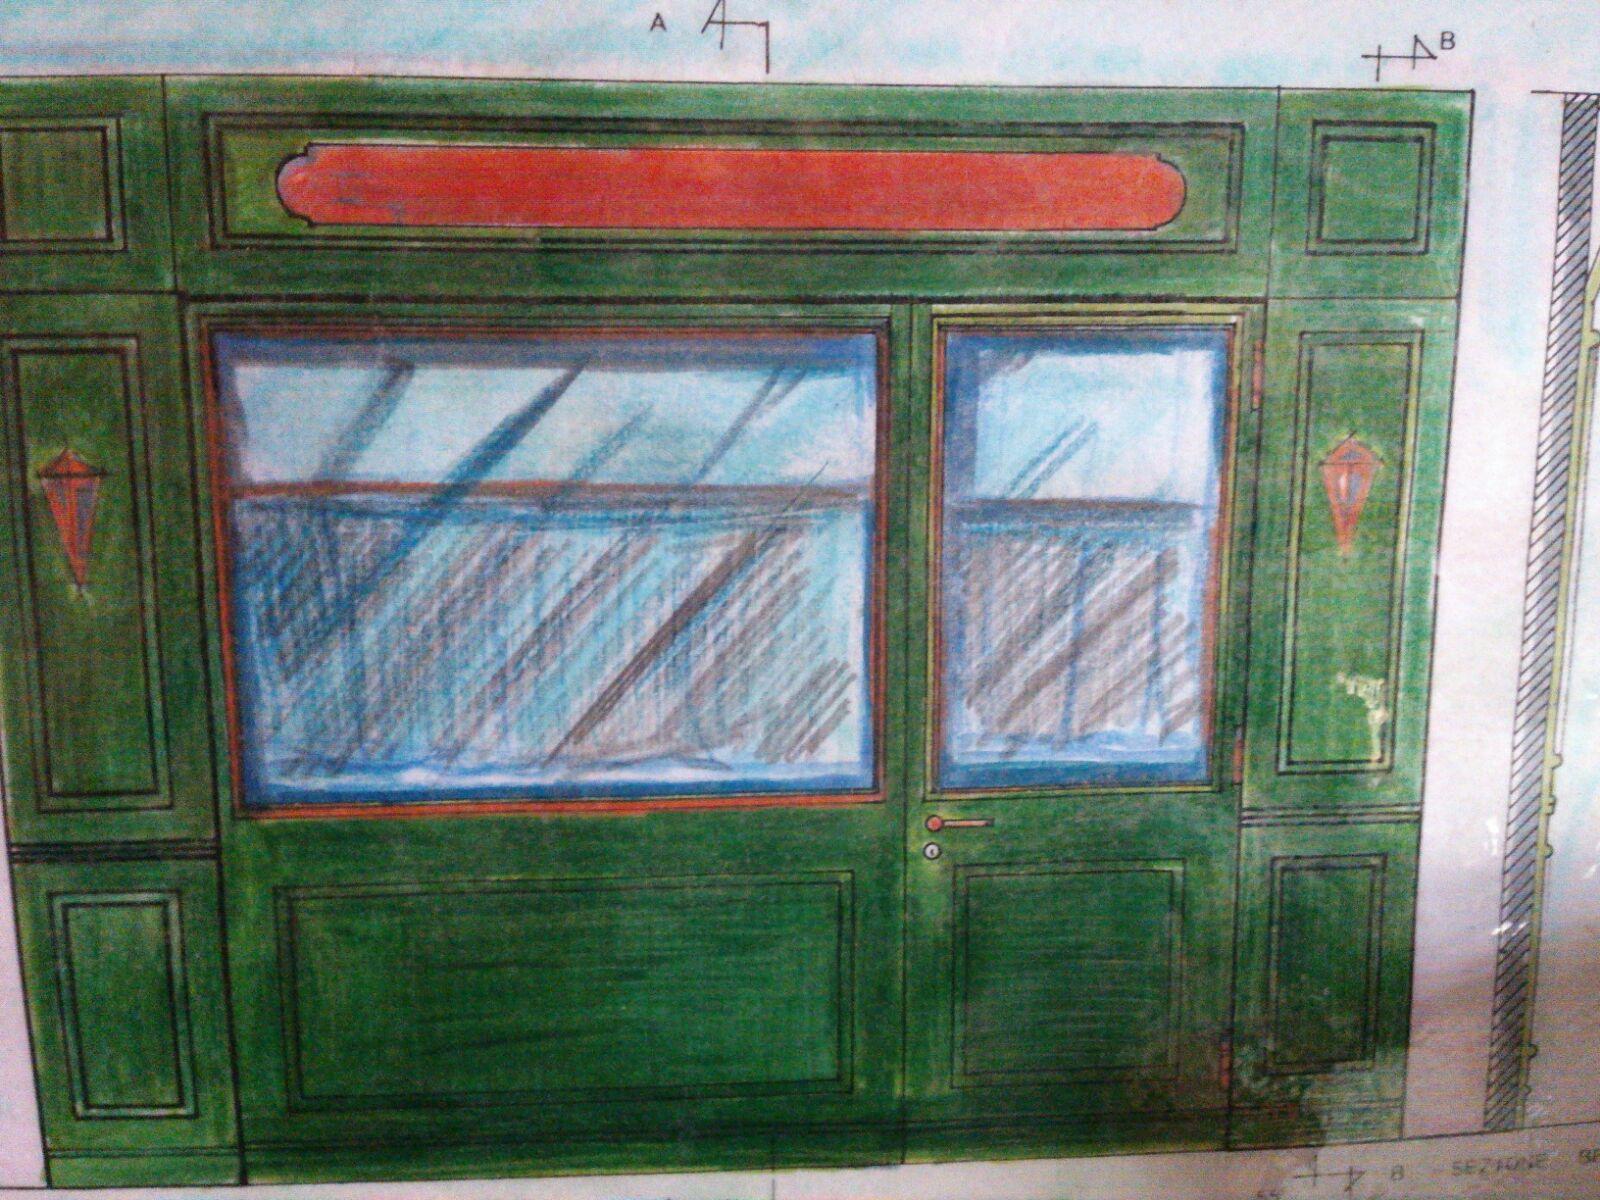 Progettazioni, realizzazioni, costruzioni, preventivi per arredo pub in stile irlandese, in stile inglese, in stile western.